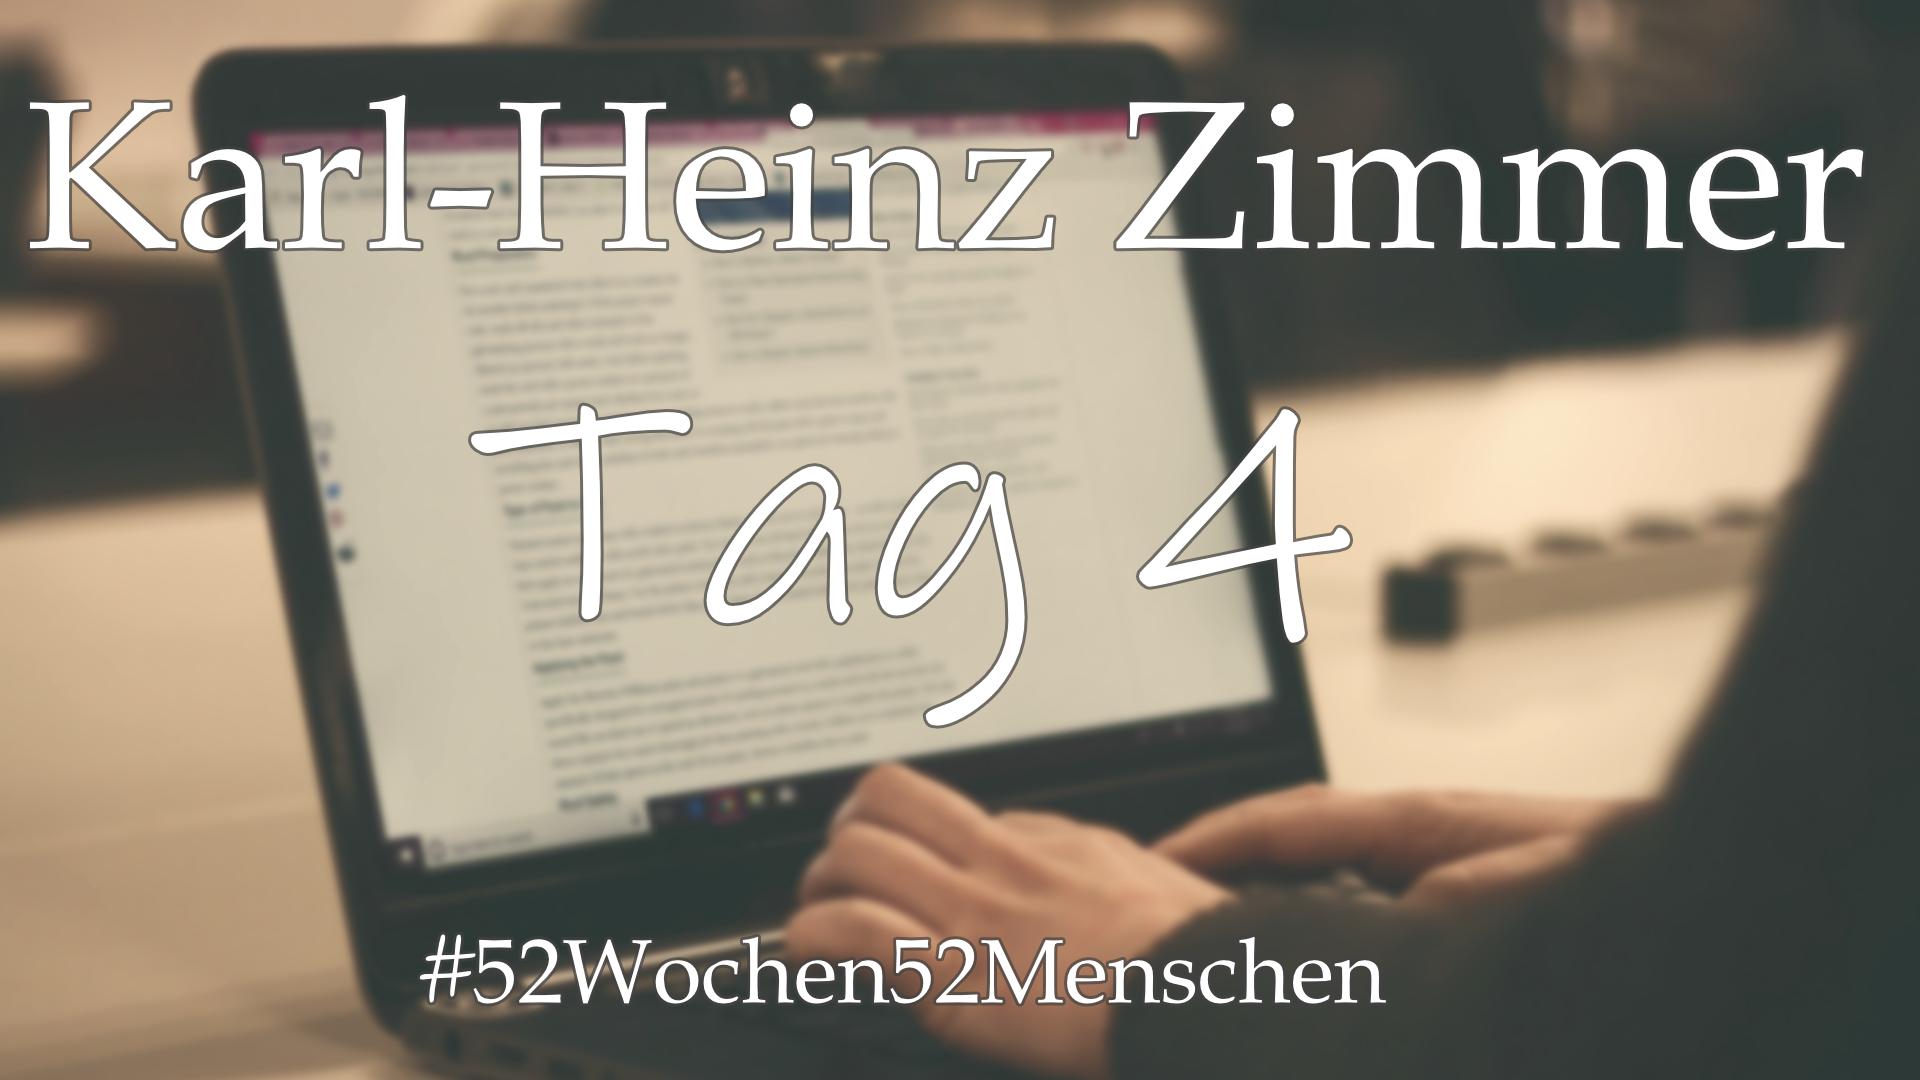 #52Wochen52Menschen: KW3 – Karl-Heinz Zimmer & SPBuchsatz – Tag 4